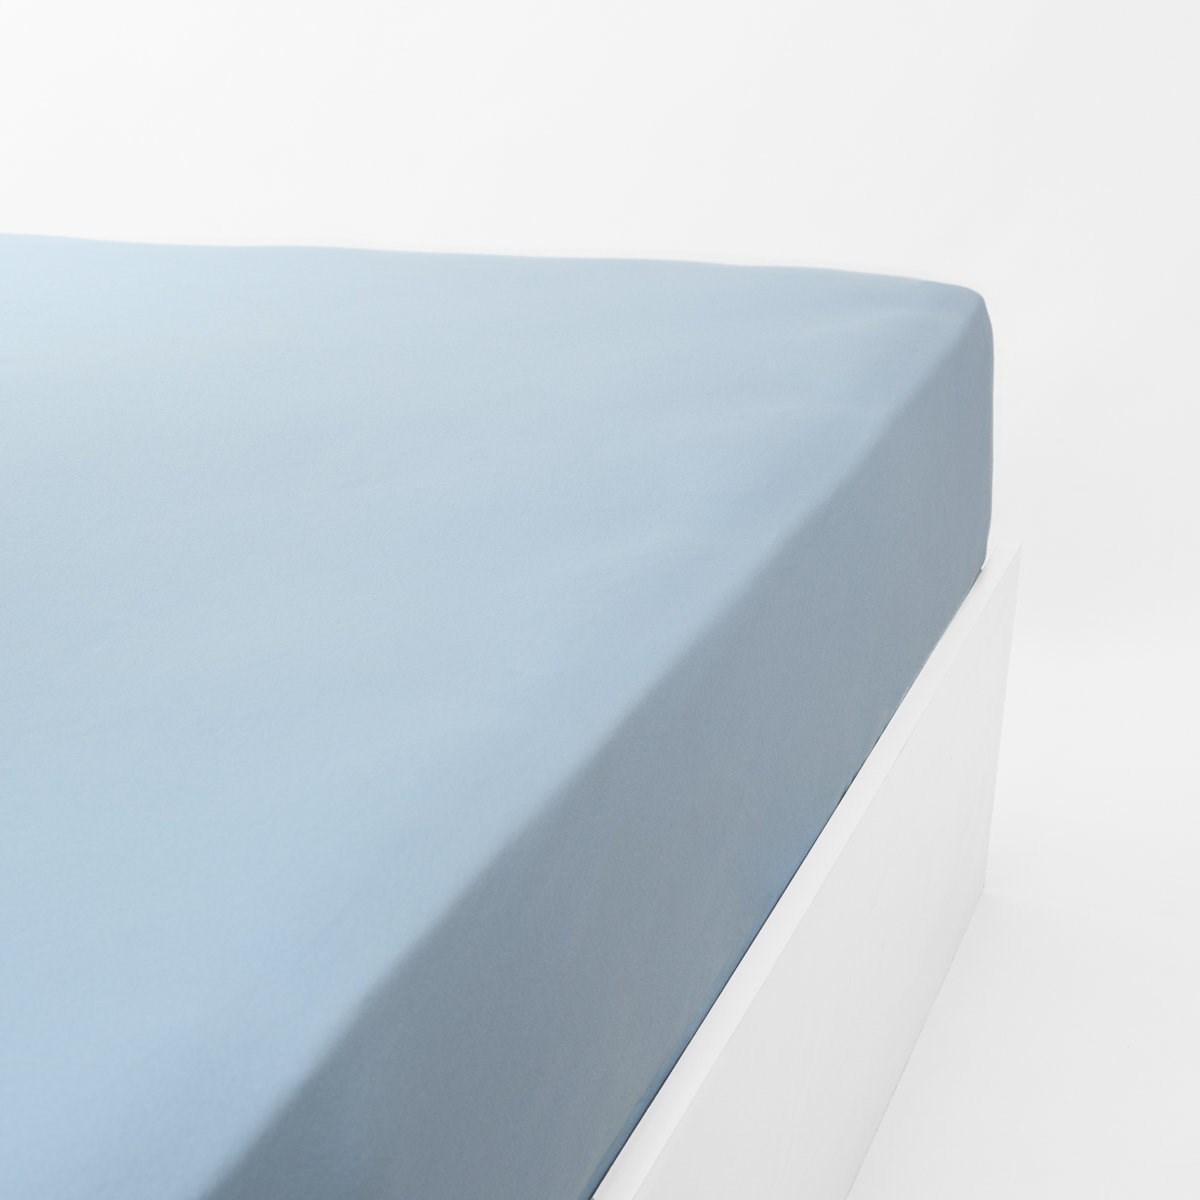 Drap housse jersey extensible en coton bleu clair 140x200 cm